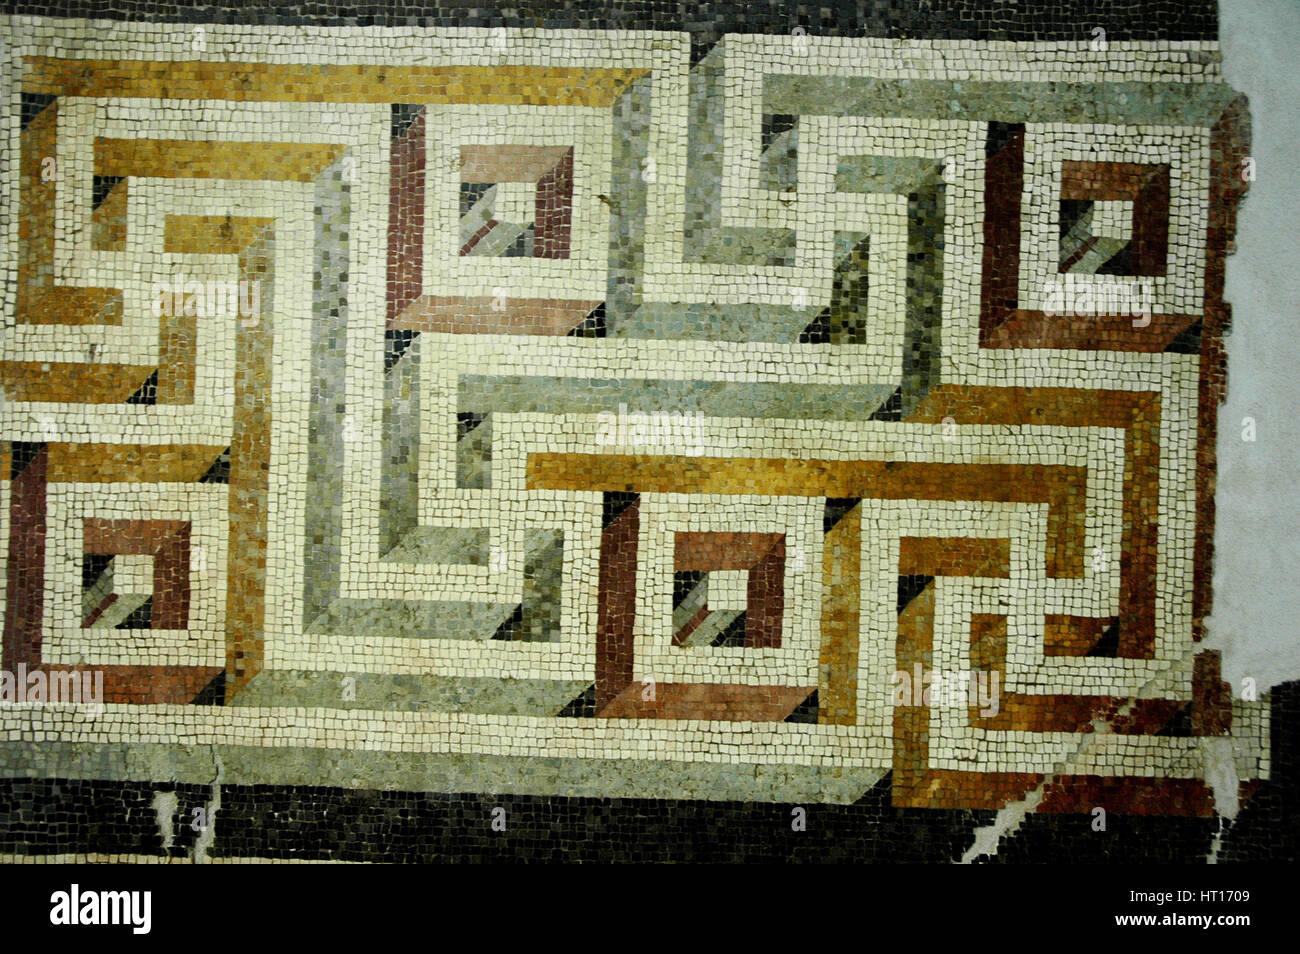 Mosaico geometrico pavimento. Cultura: Romano. Luogo di Origine: Roma. Linea di credito: Werner Forman Archive Artista: Immagini Stock